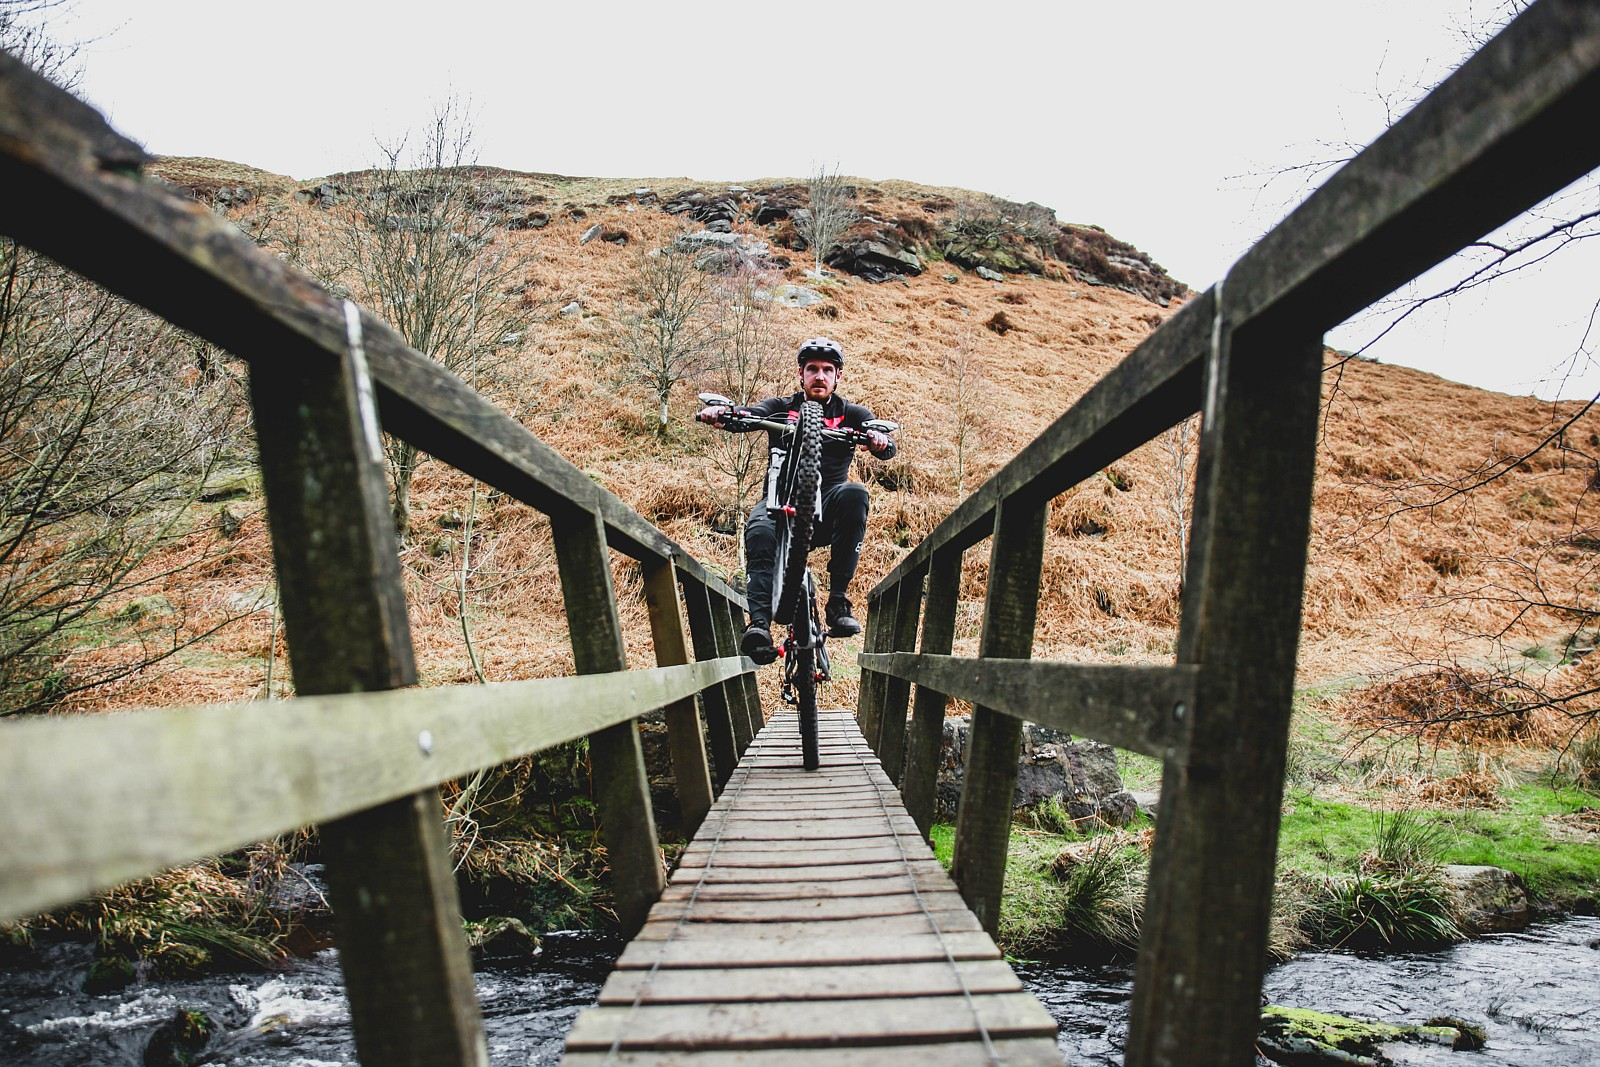 IMG 0547 - Mushrum - Mountain Biking Pictures - Vital MTB